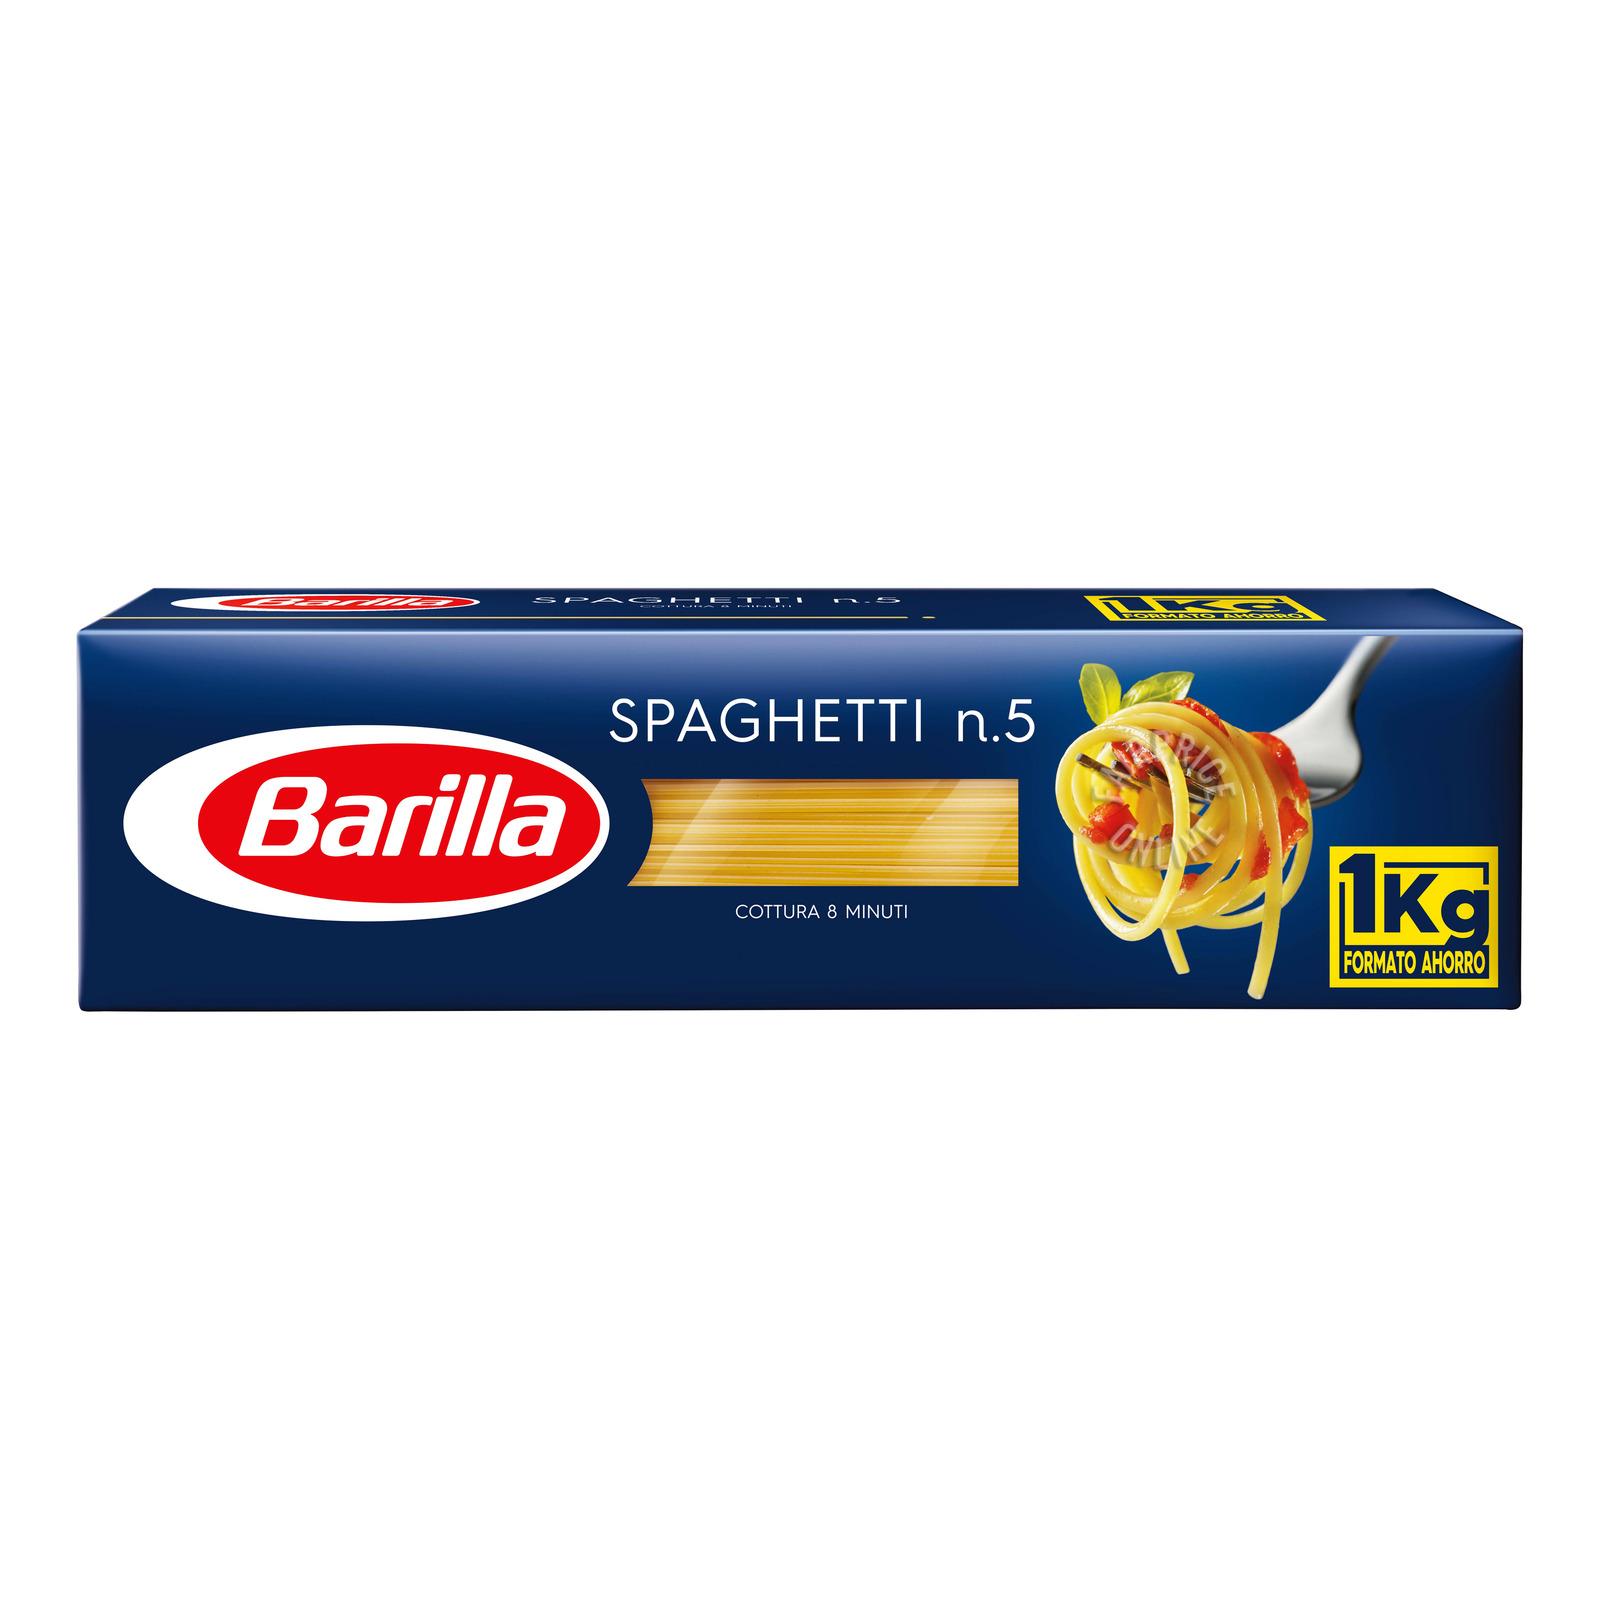 Barilla Pasta - Spaghetti No.5